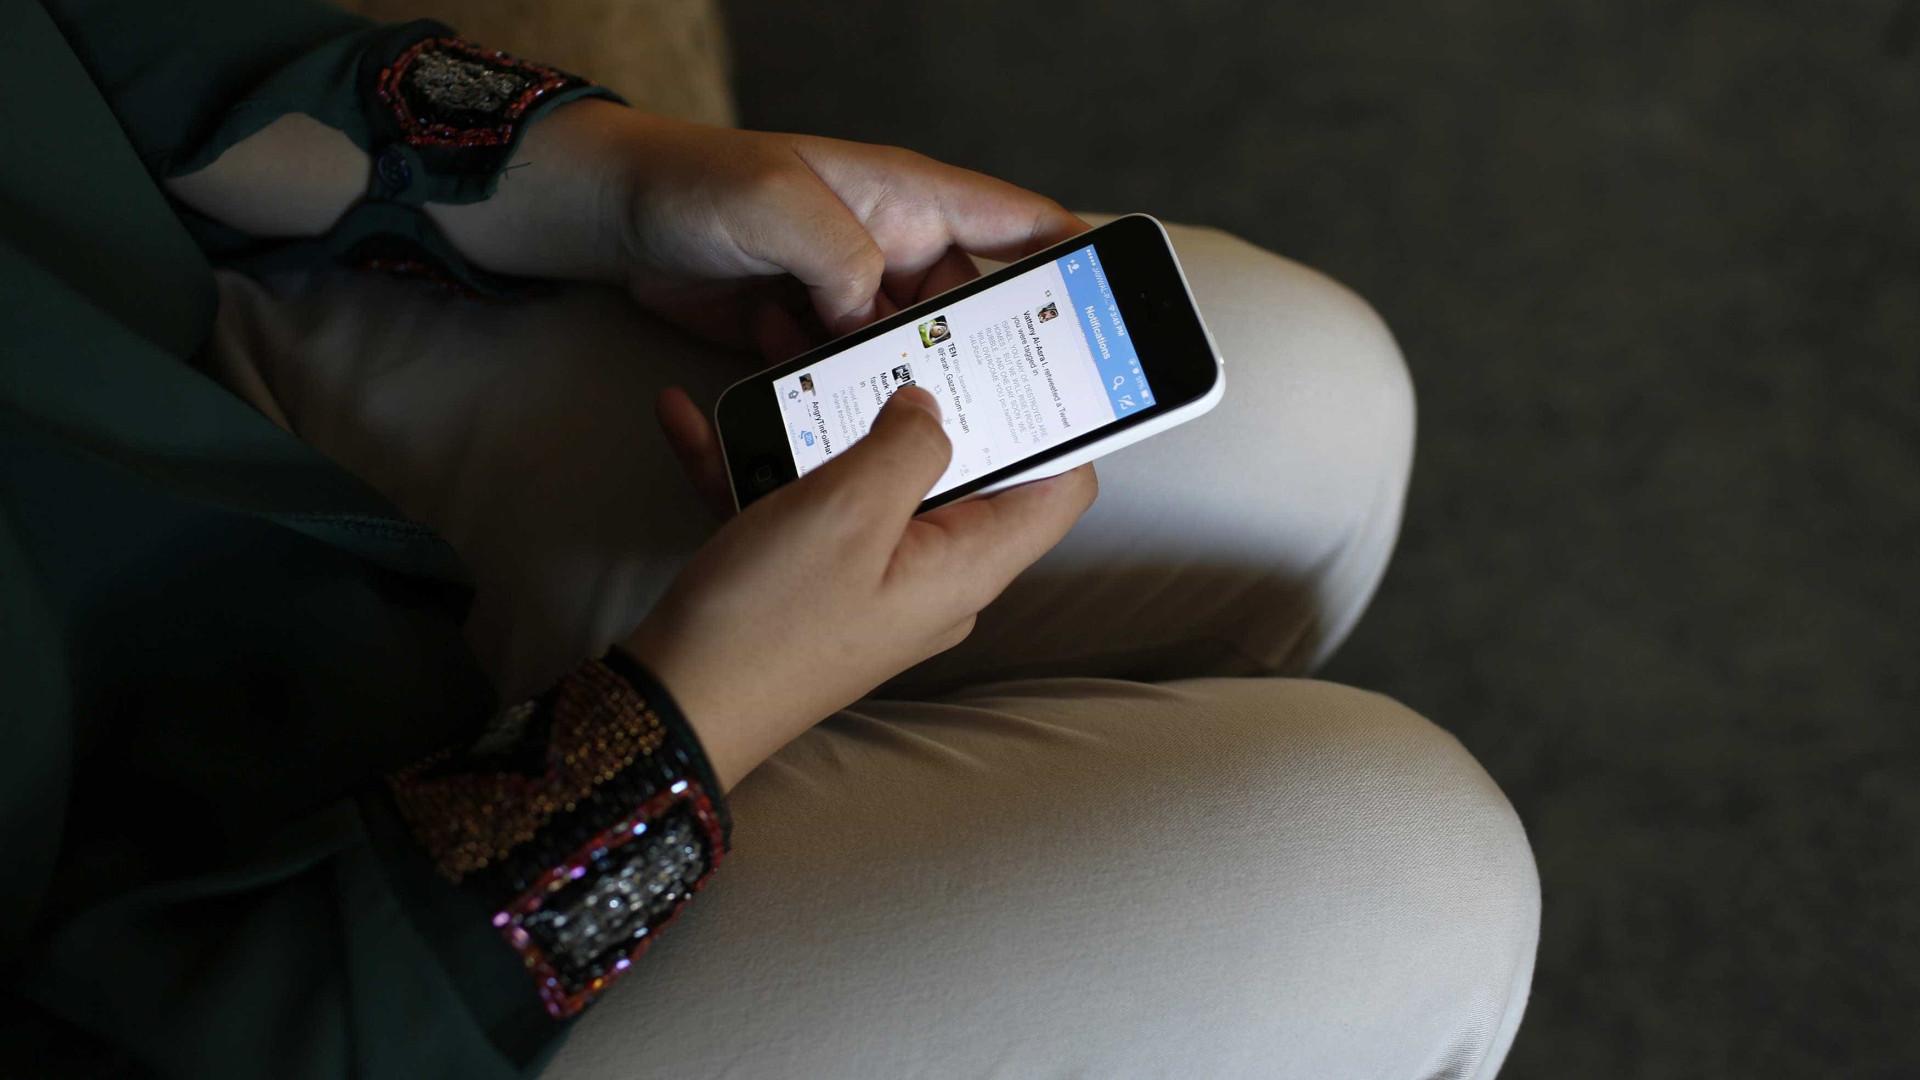 Professora afastada de funções por troçar com teste de aluna no Facebook